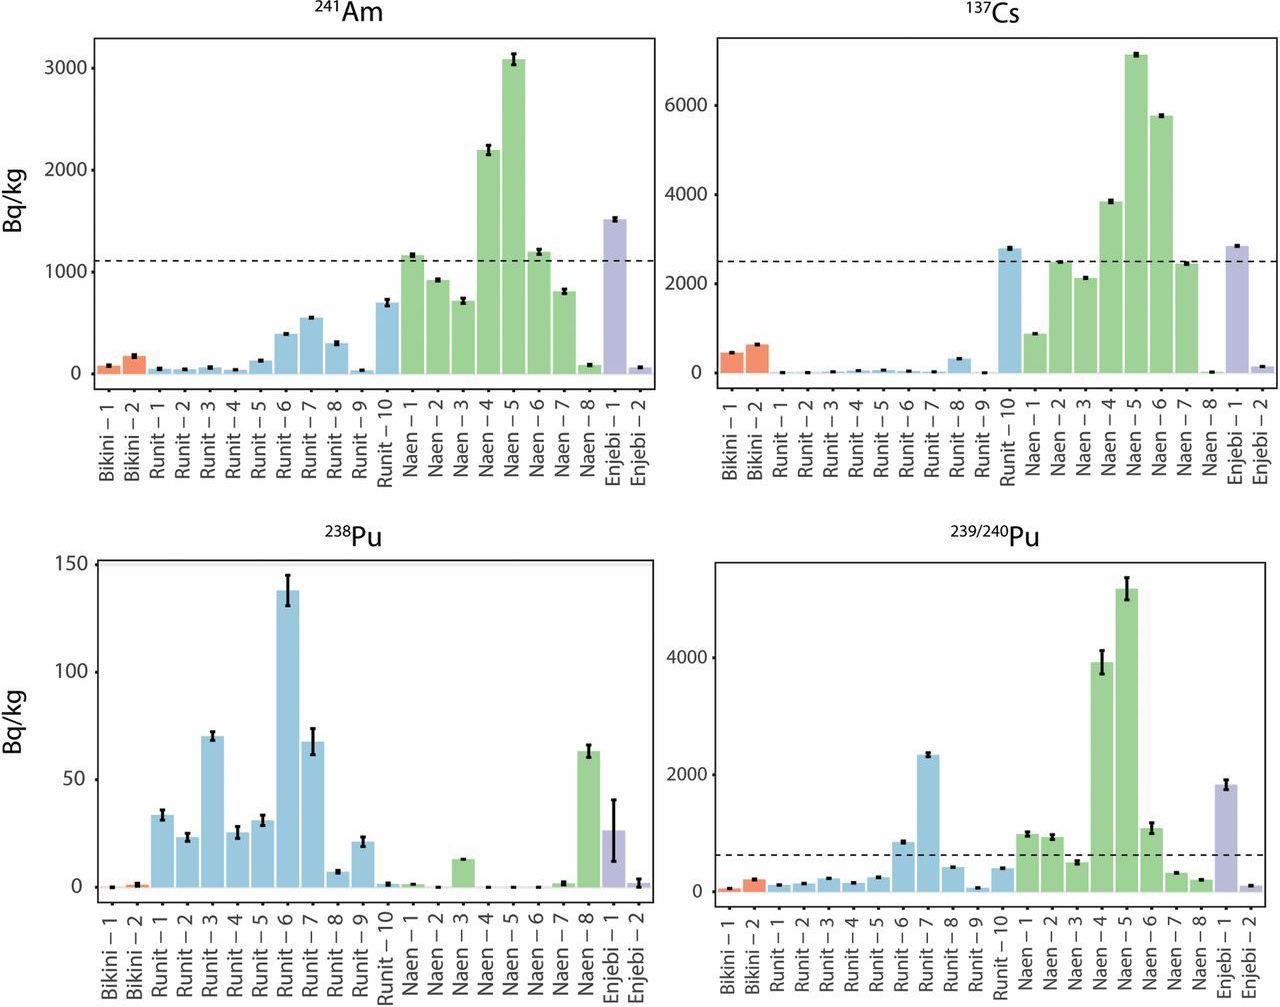 Los niveles de americio 241, cesio 137 y plutonio 238, 239 y 240 en las islas Runit y Enjebi (atolón Enewetak), Naen (atolón Rongelap) y atolón Bikini